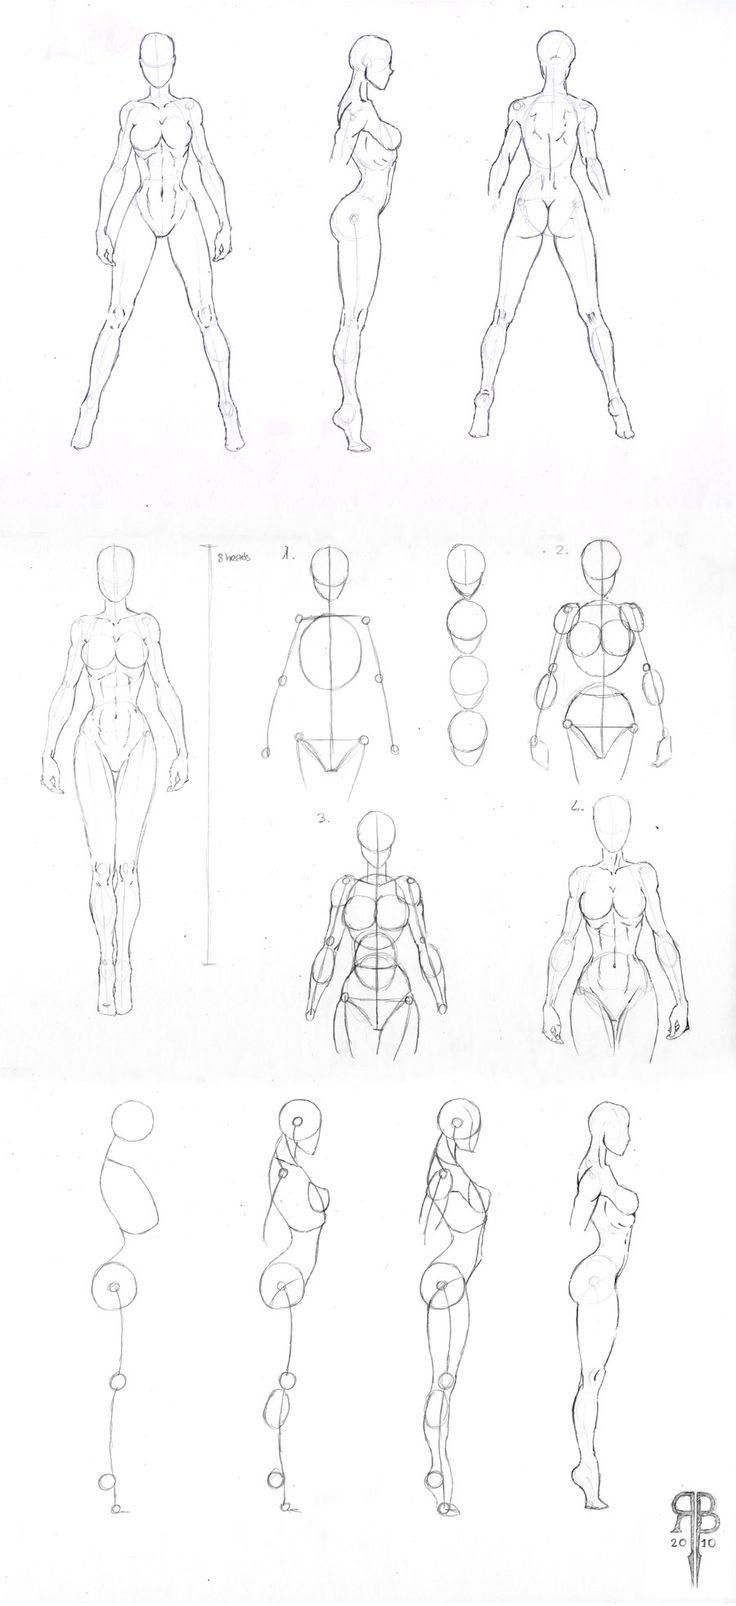 Drawn women beautiful woman body 25+ ideas female deviantART by